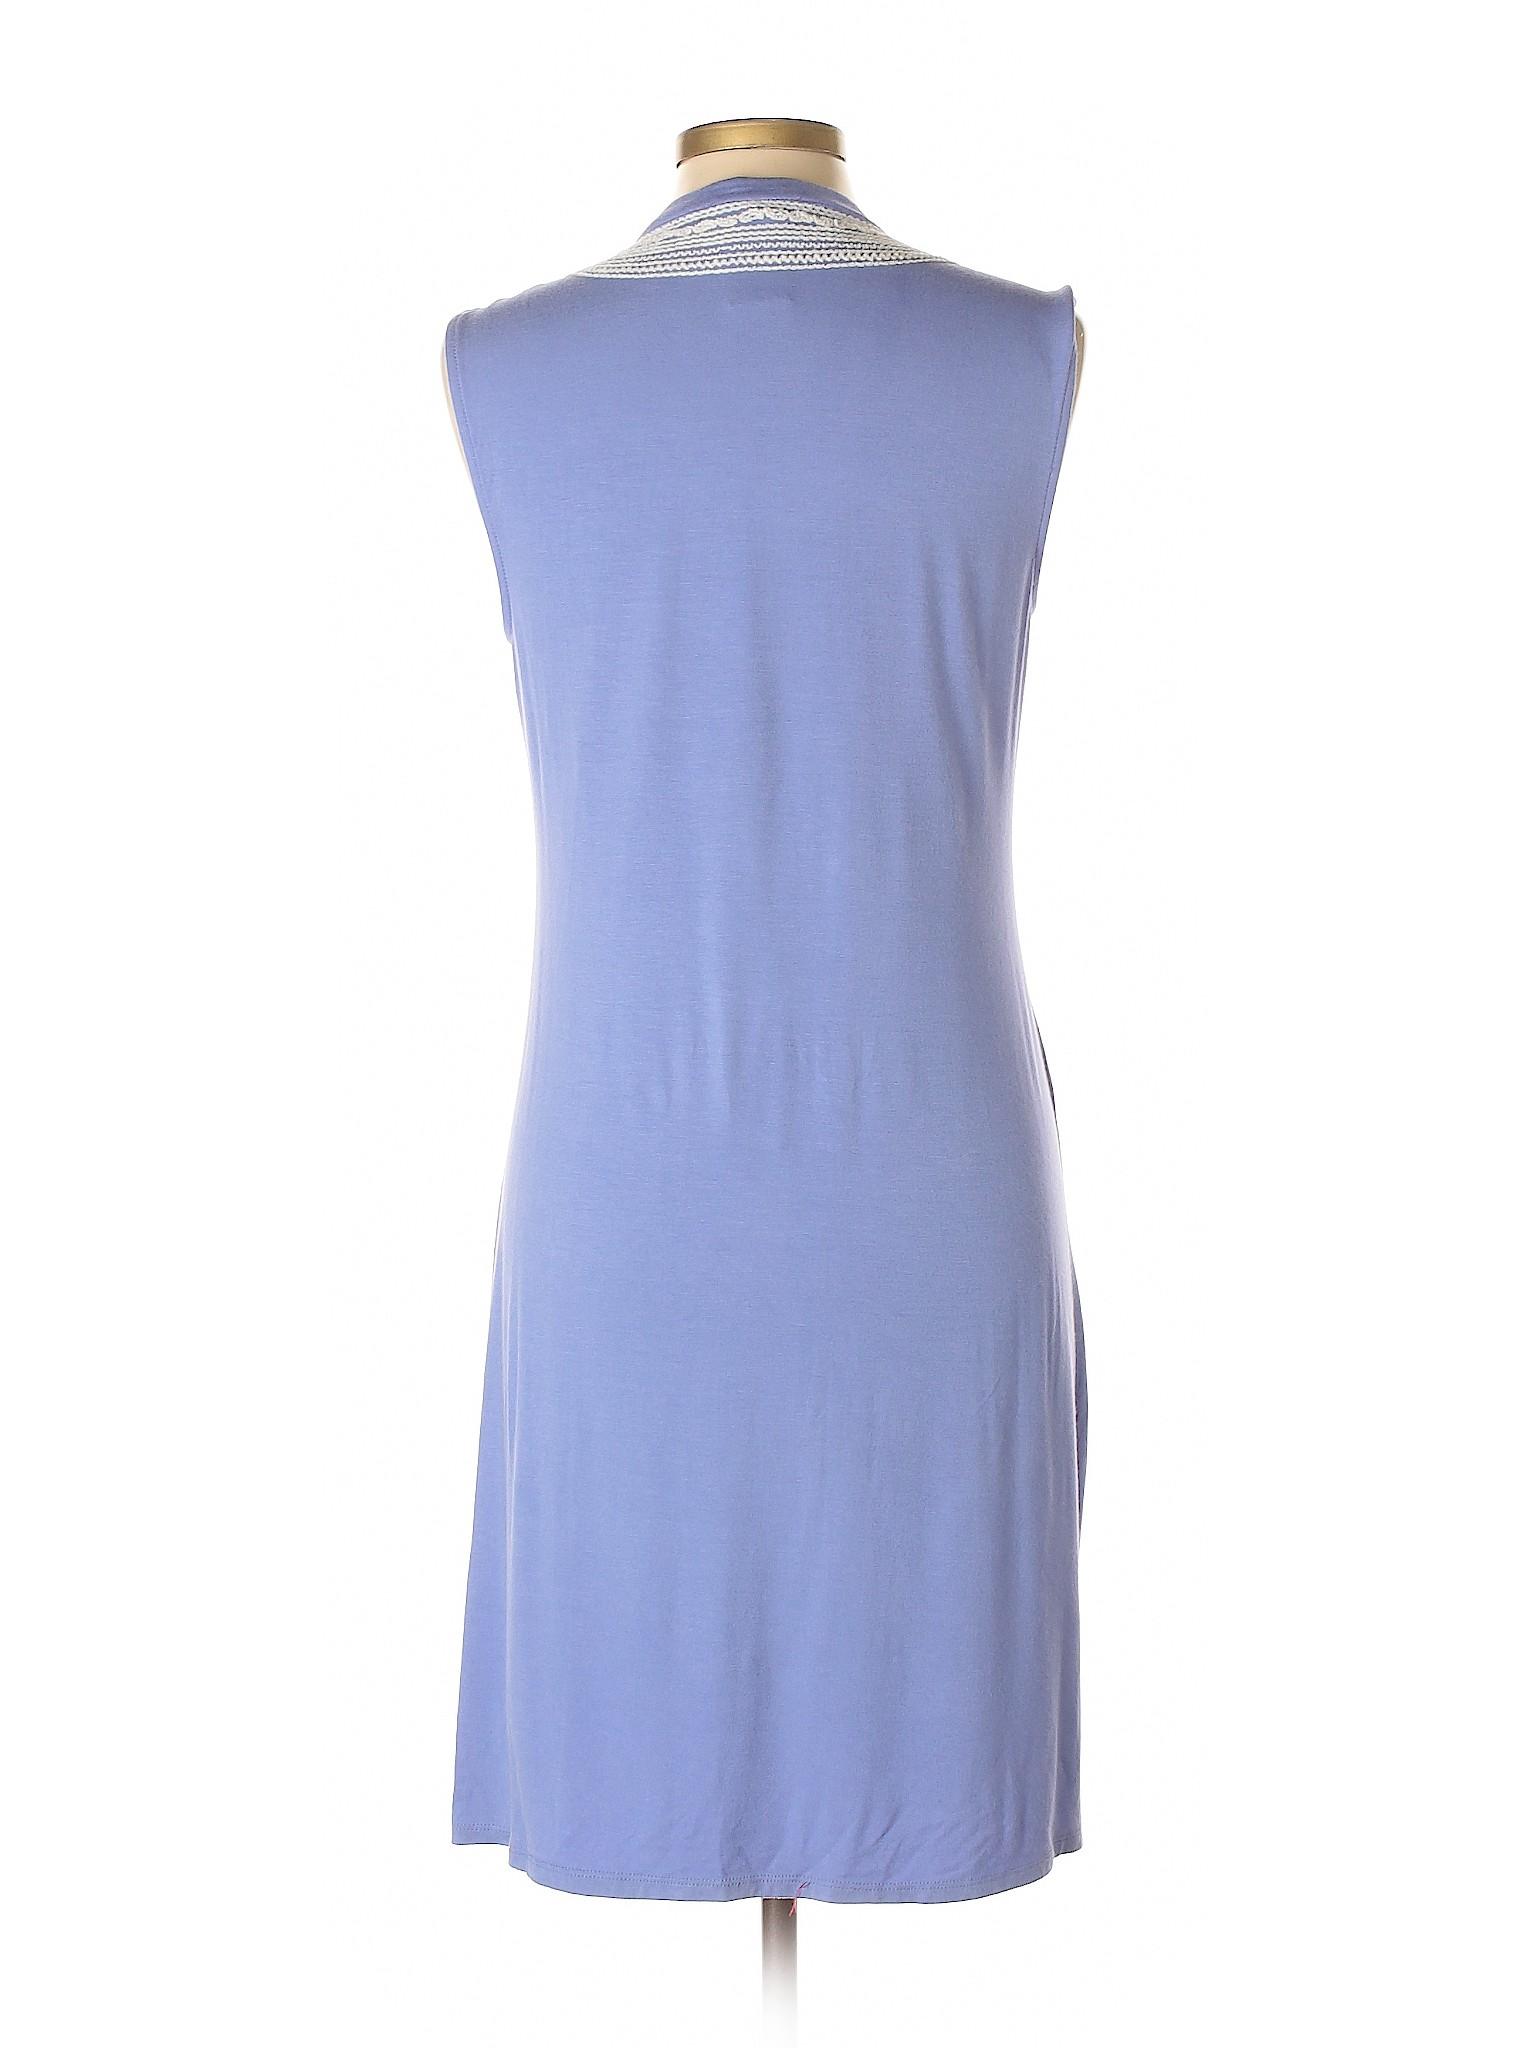 Elements Grace Casual winter Boutique Dress 6Hxpnq